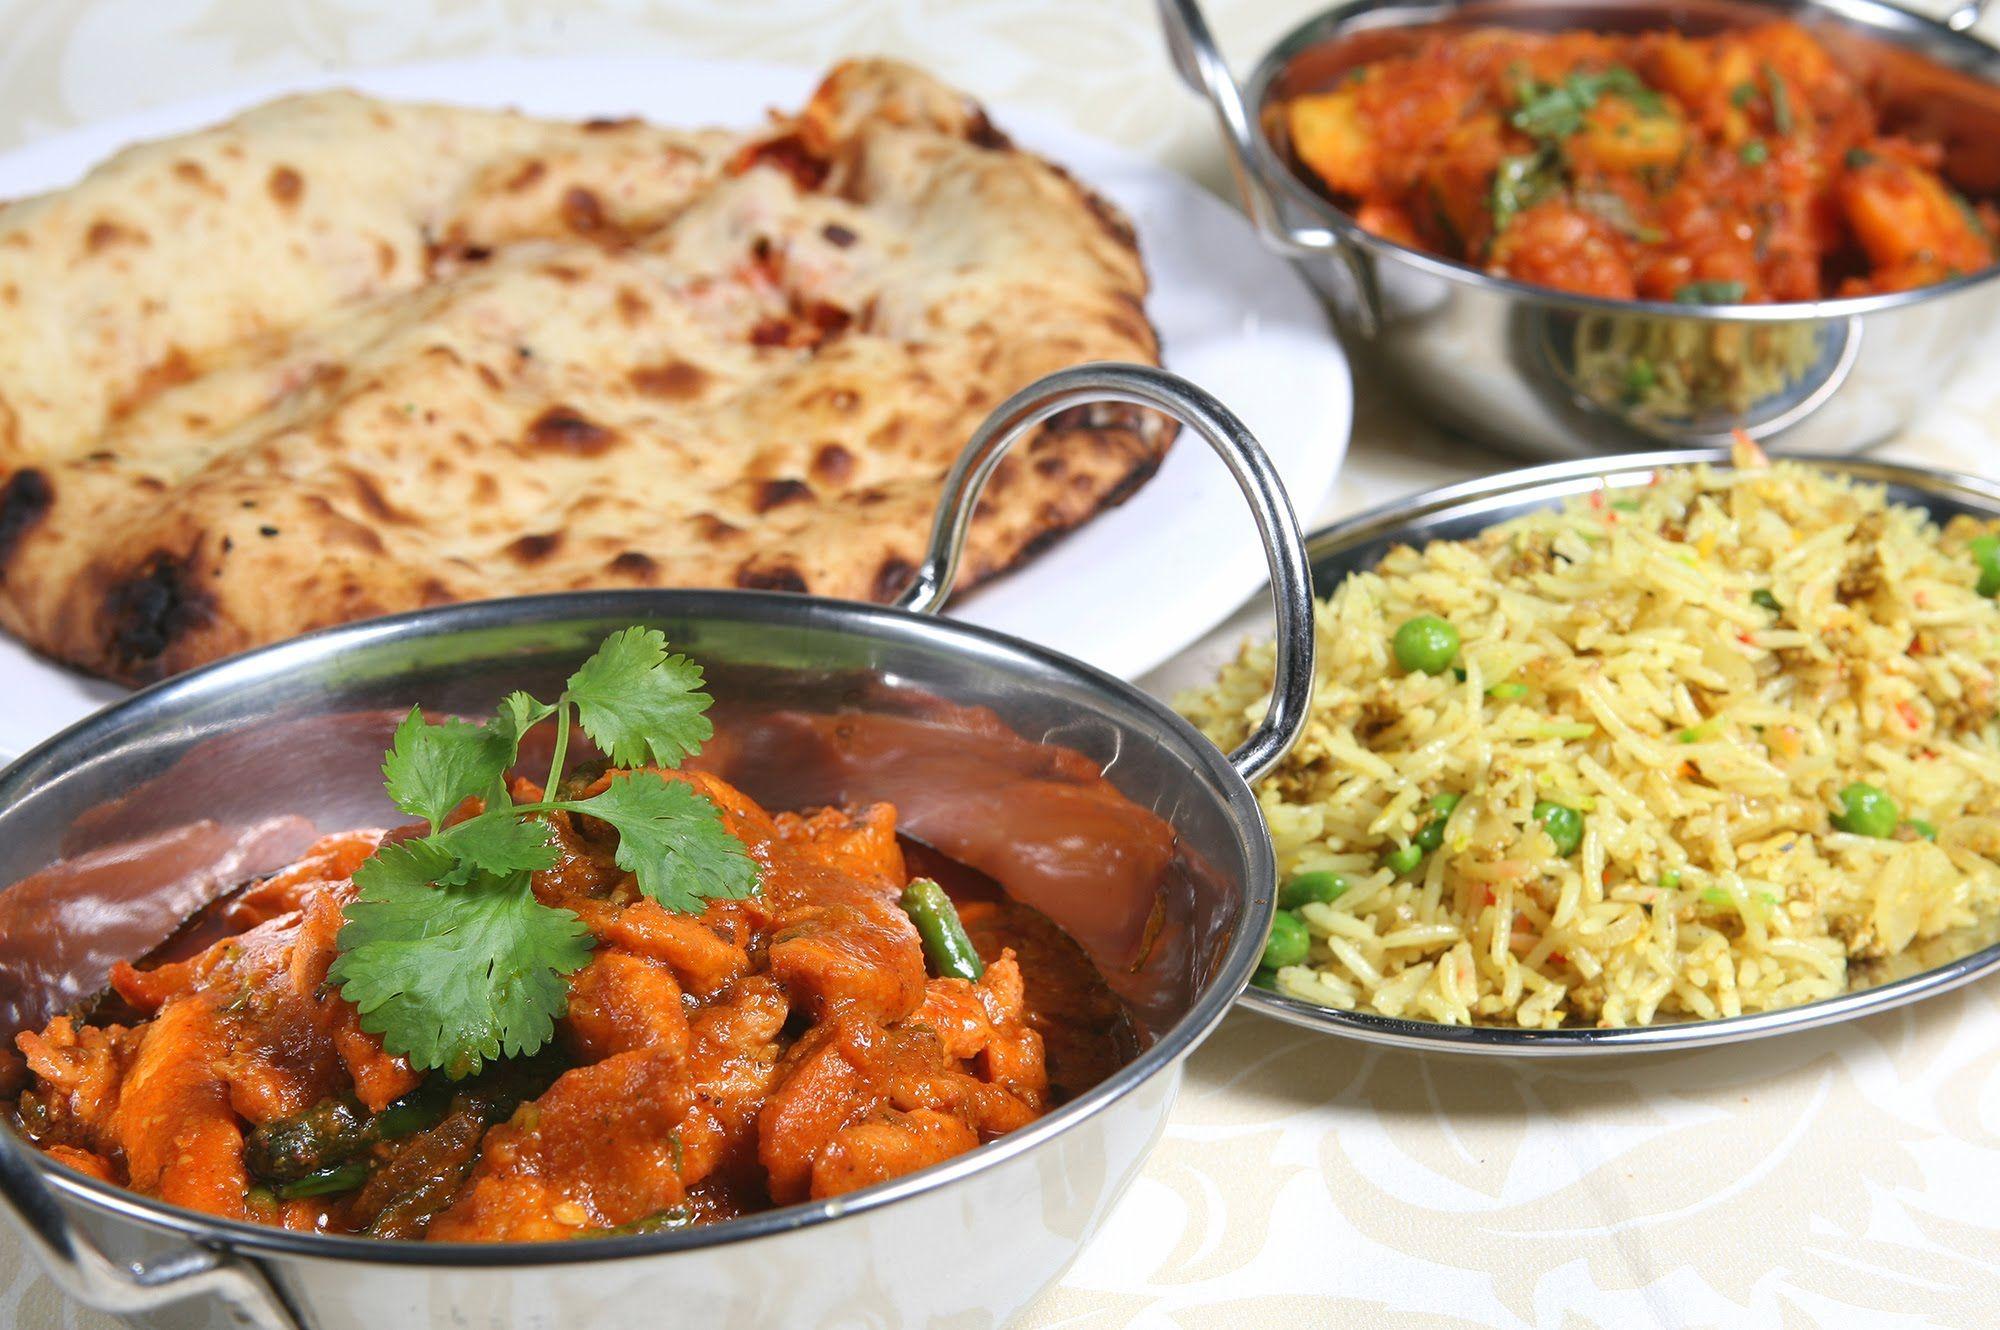 صور الأكل فى شهر رمضان صور الطعام والأكل بجودة عالية Indian Food Recipes Daily Meals Food